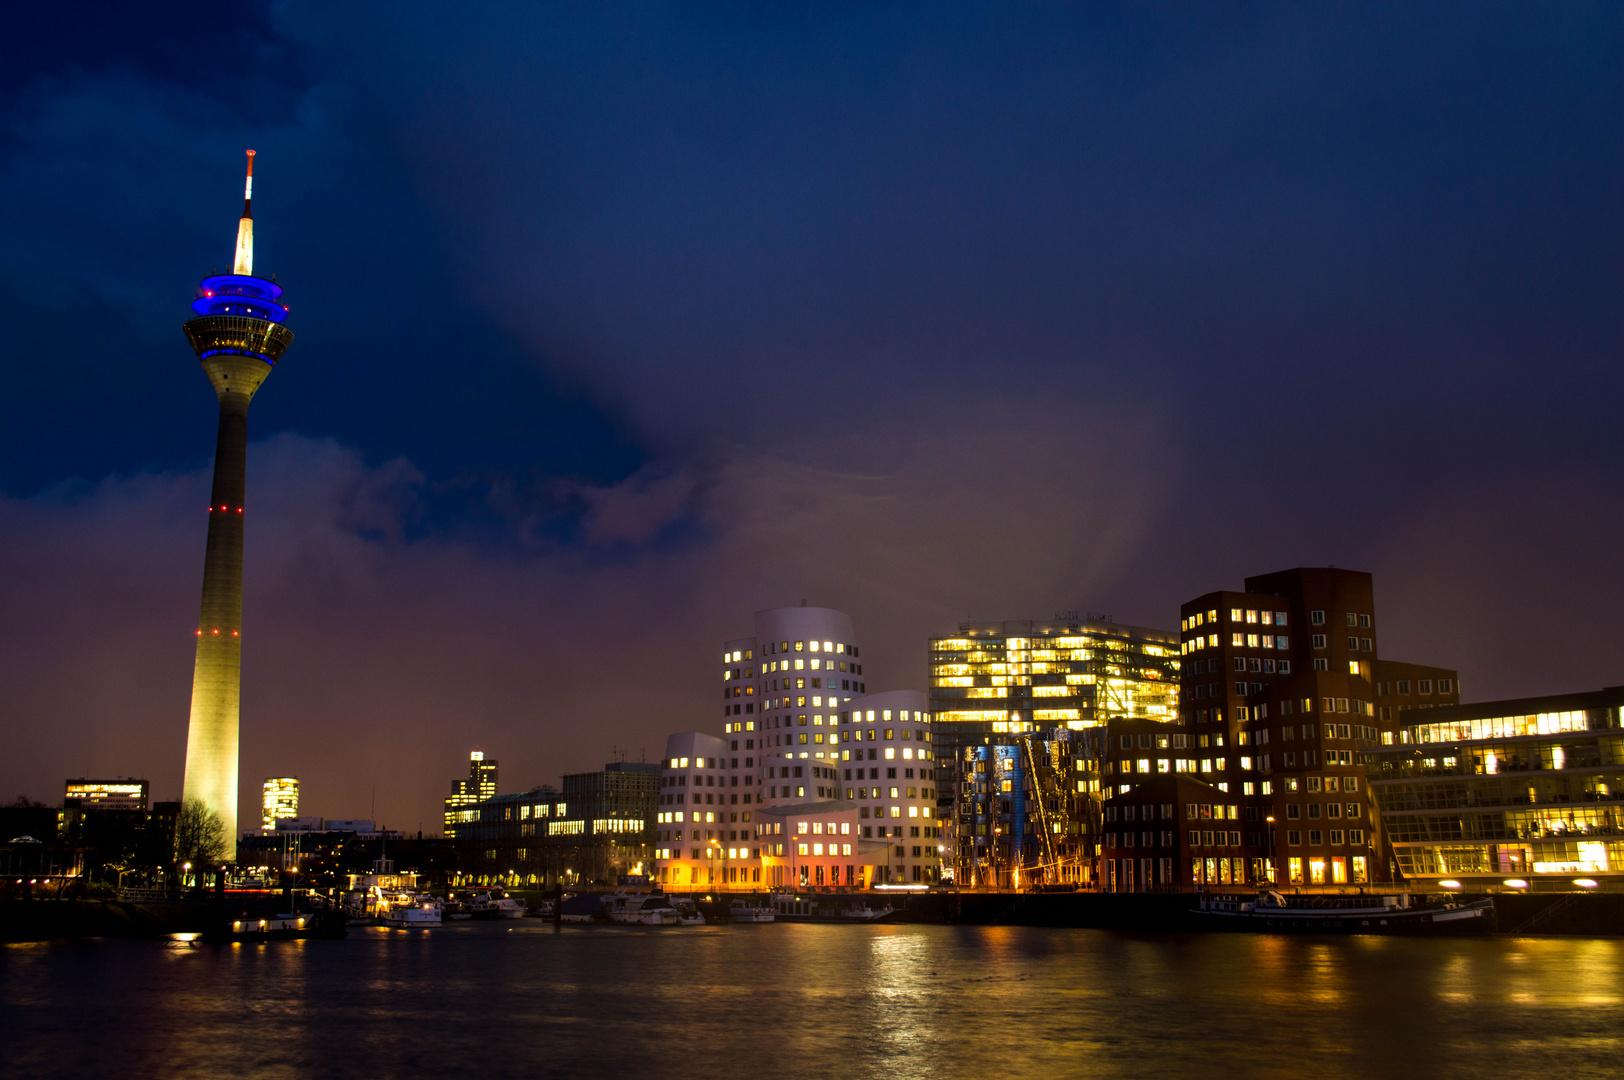 Rheinturm und Gehry Bauten